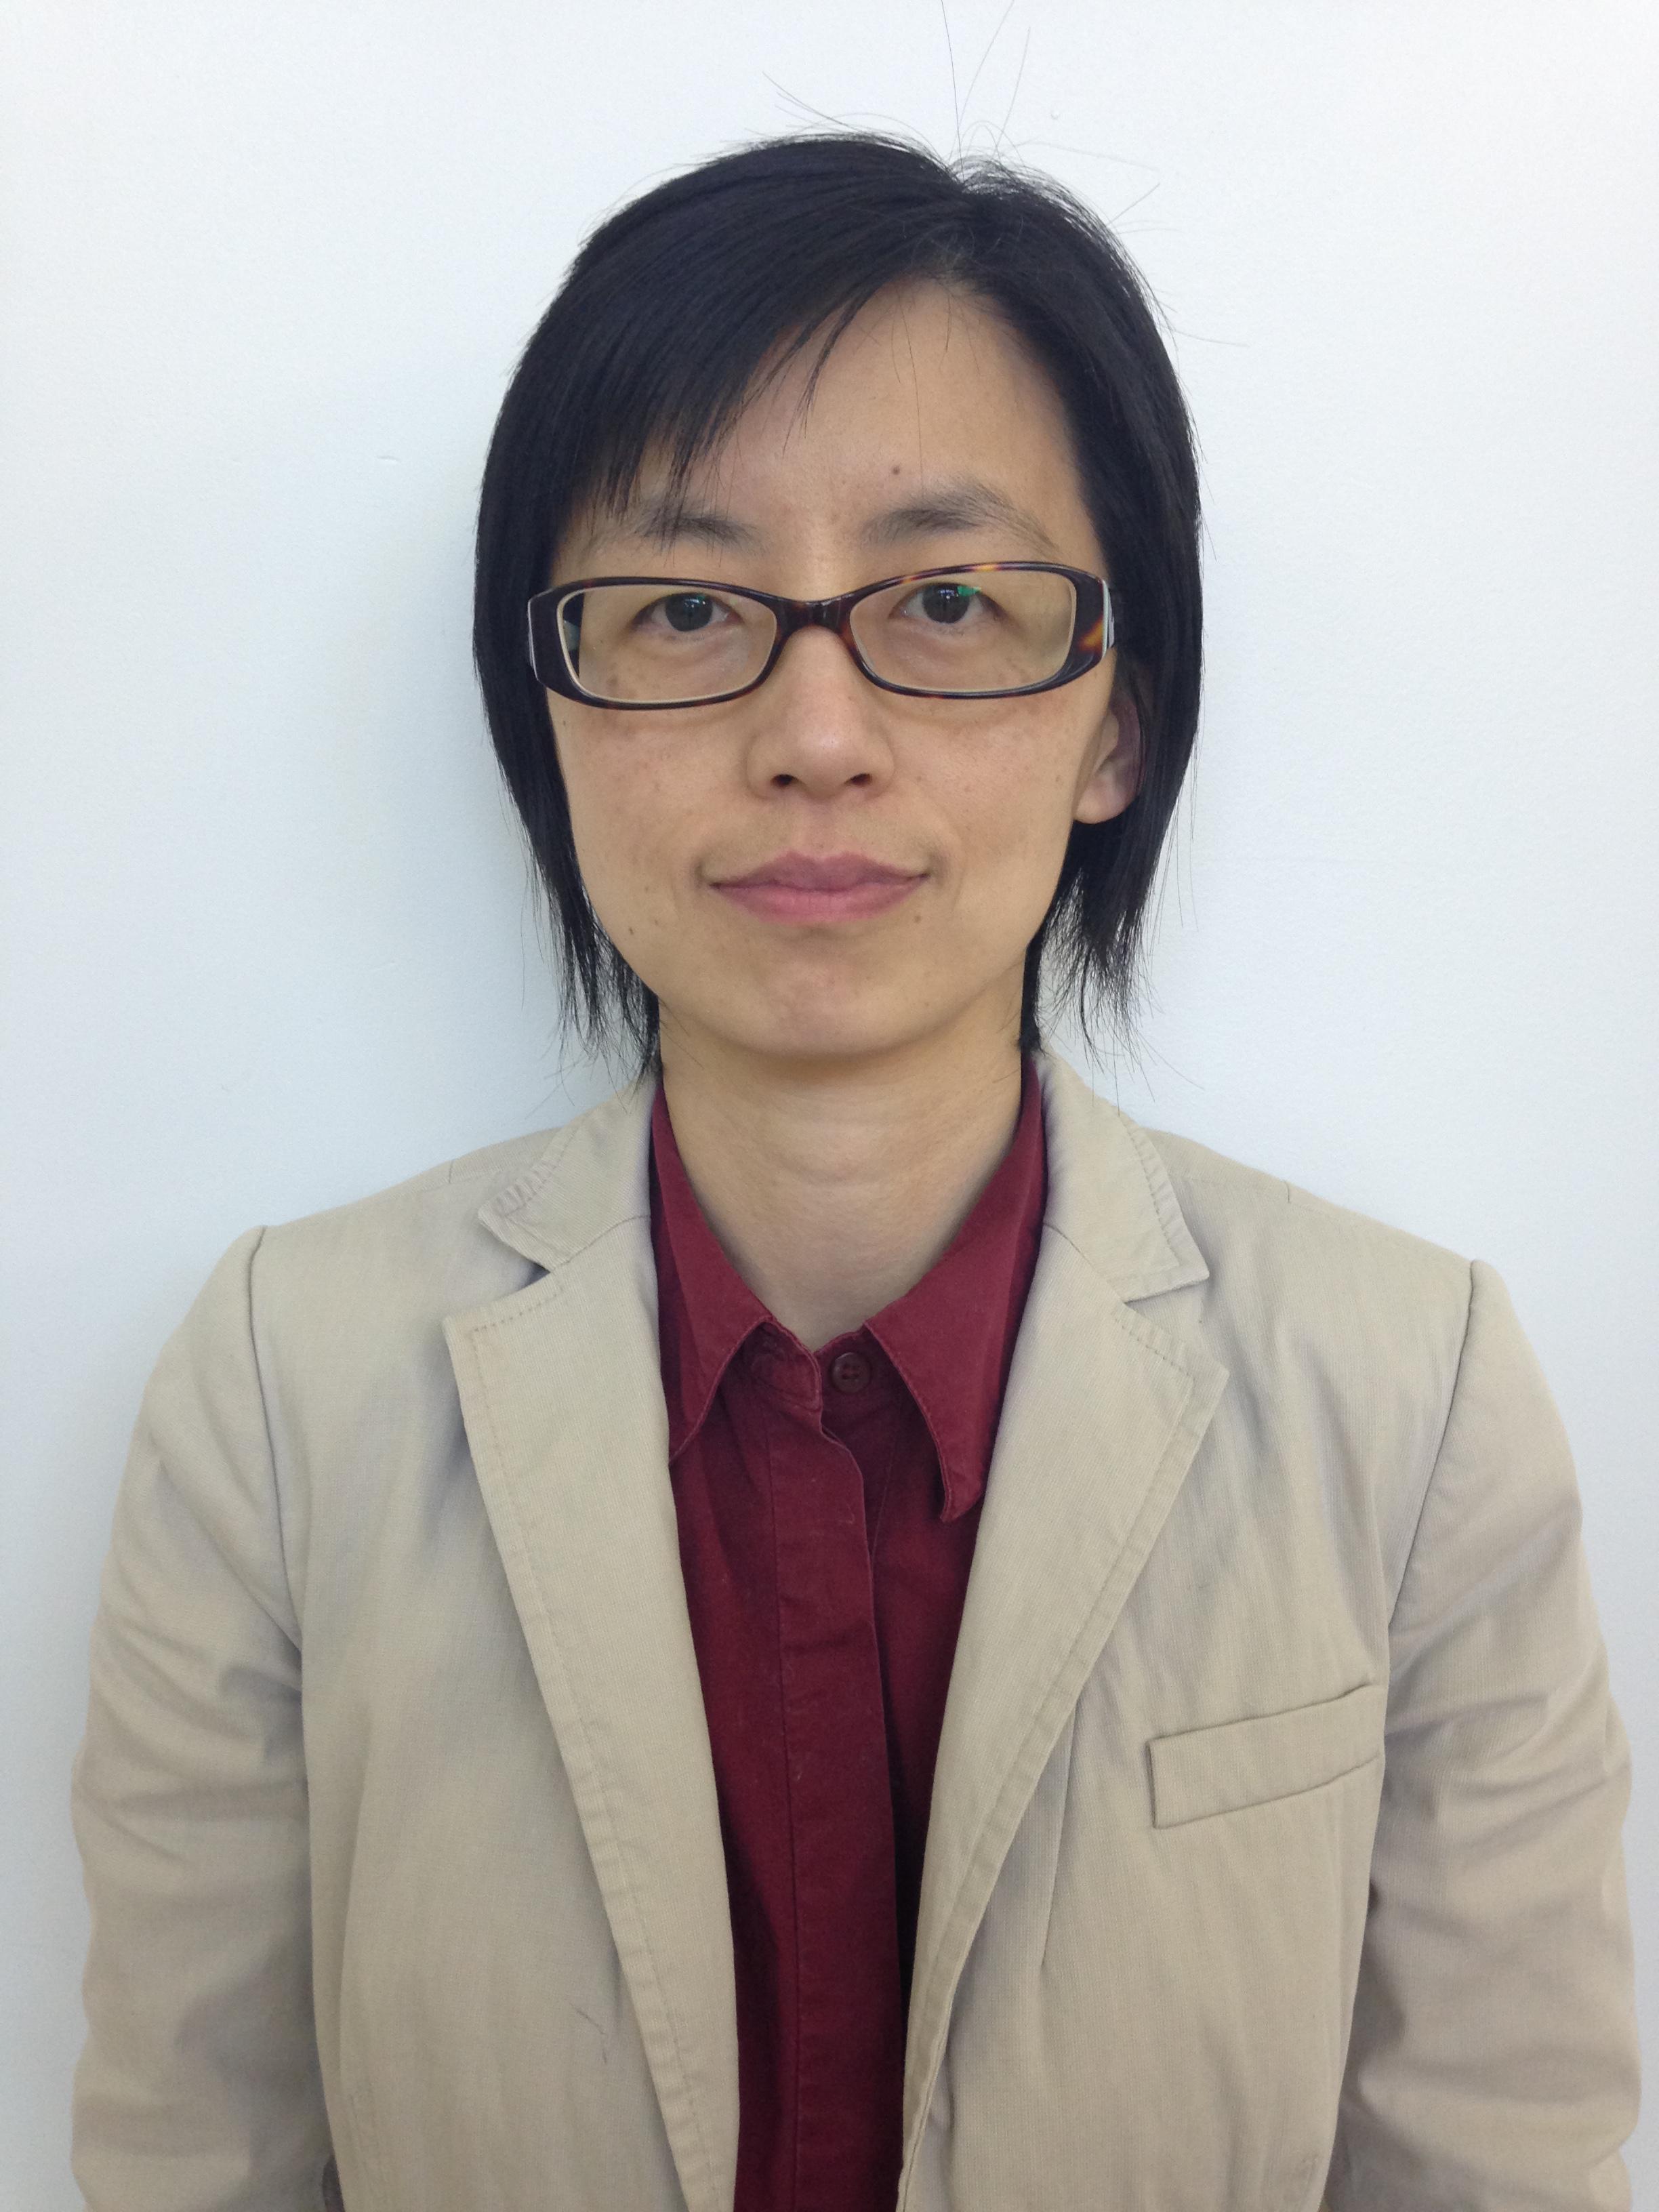 Sarah Wang - Manager, Tim Hortons & Subway